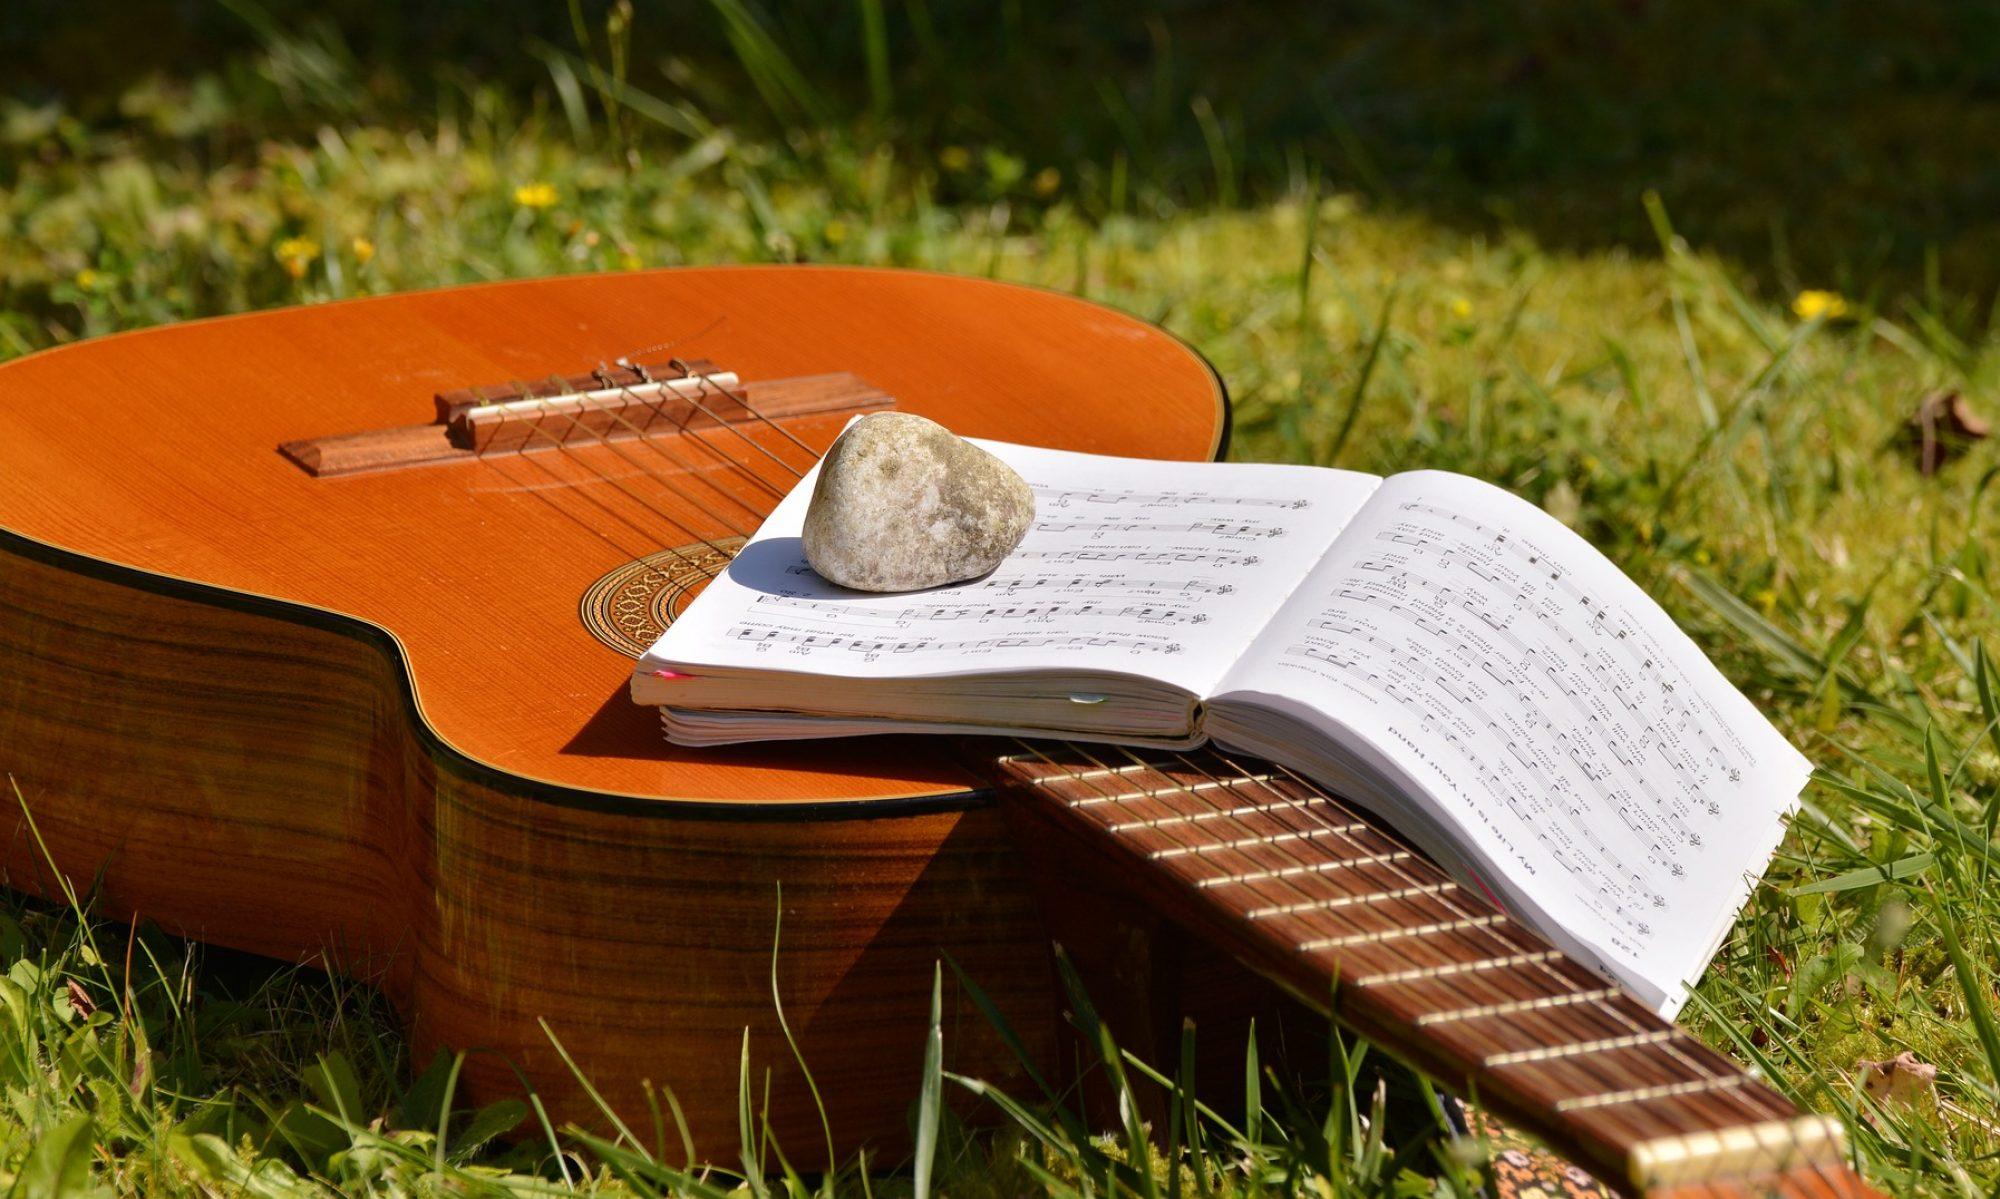 Cours de guitare à votre domicile - réduction d'impôt de 50%